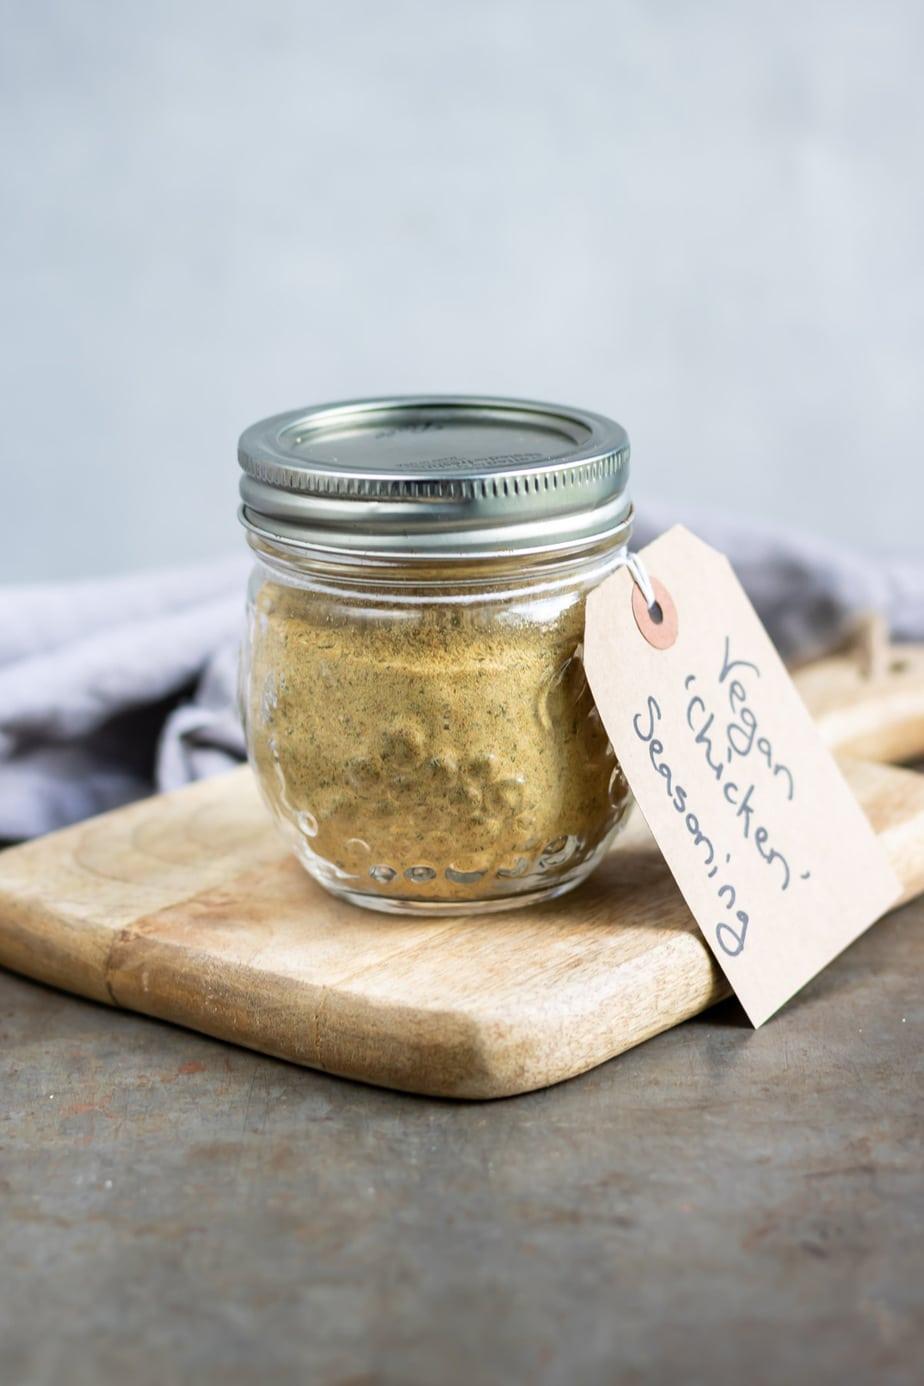 Jar of seasoning.